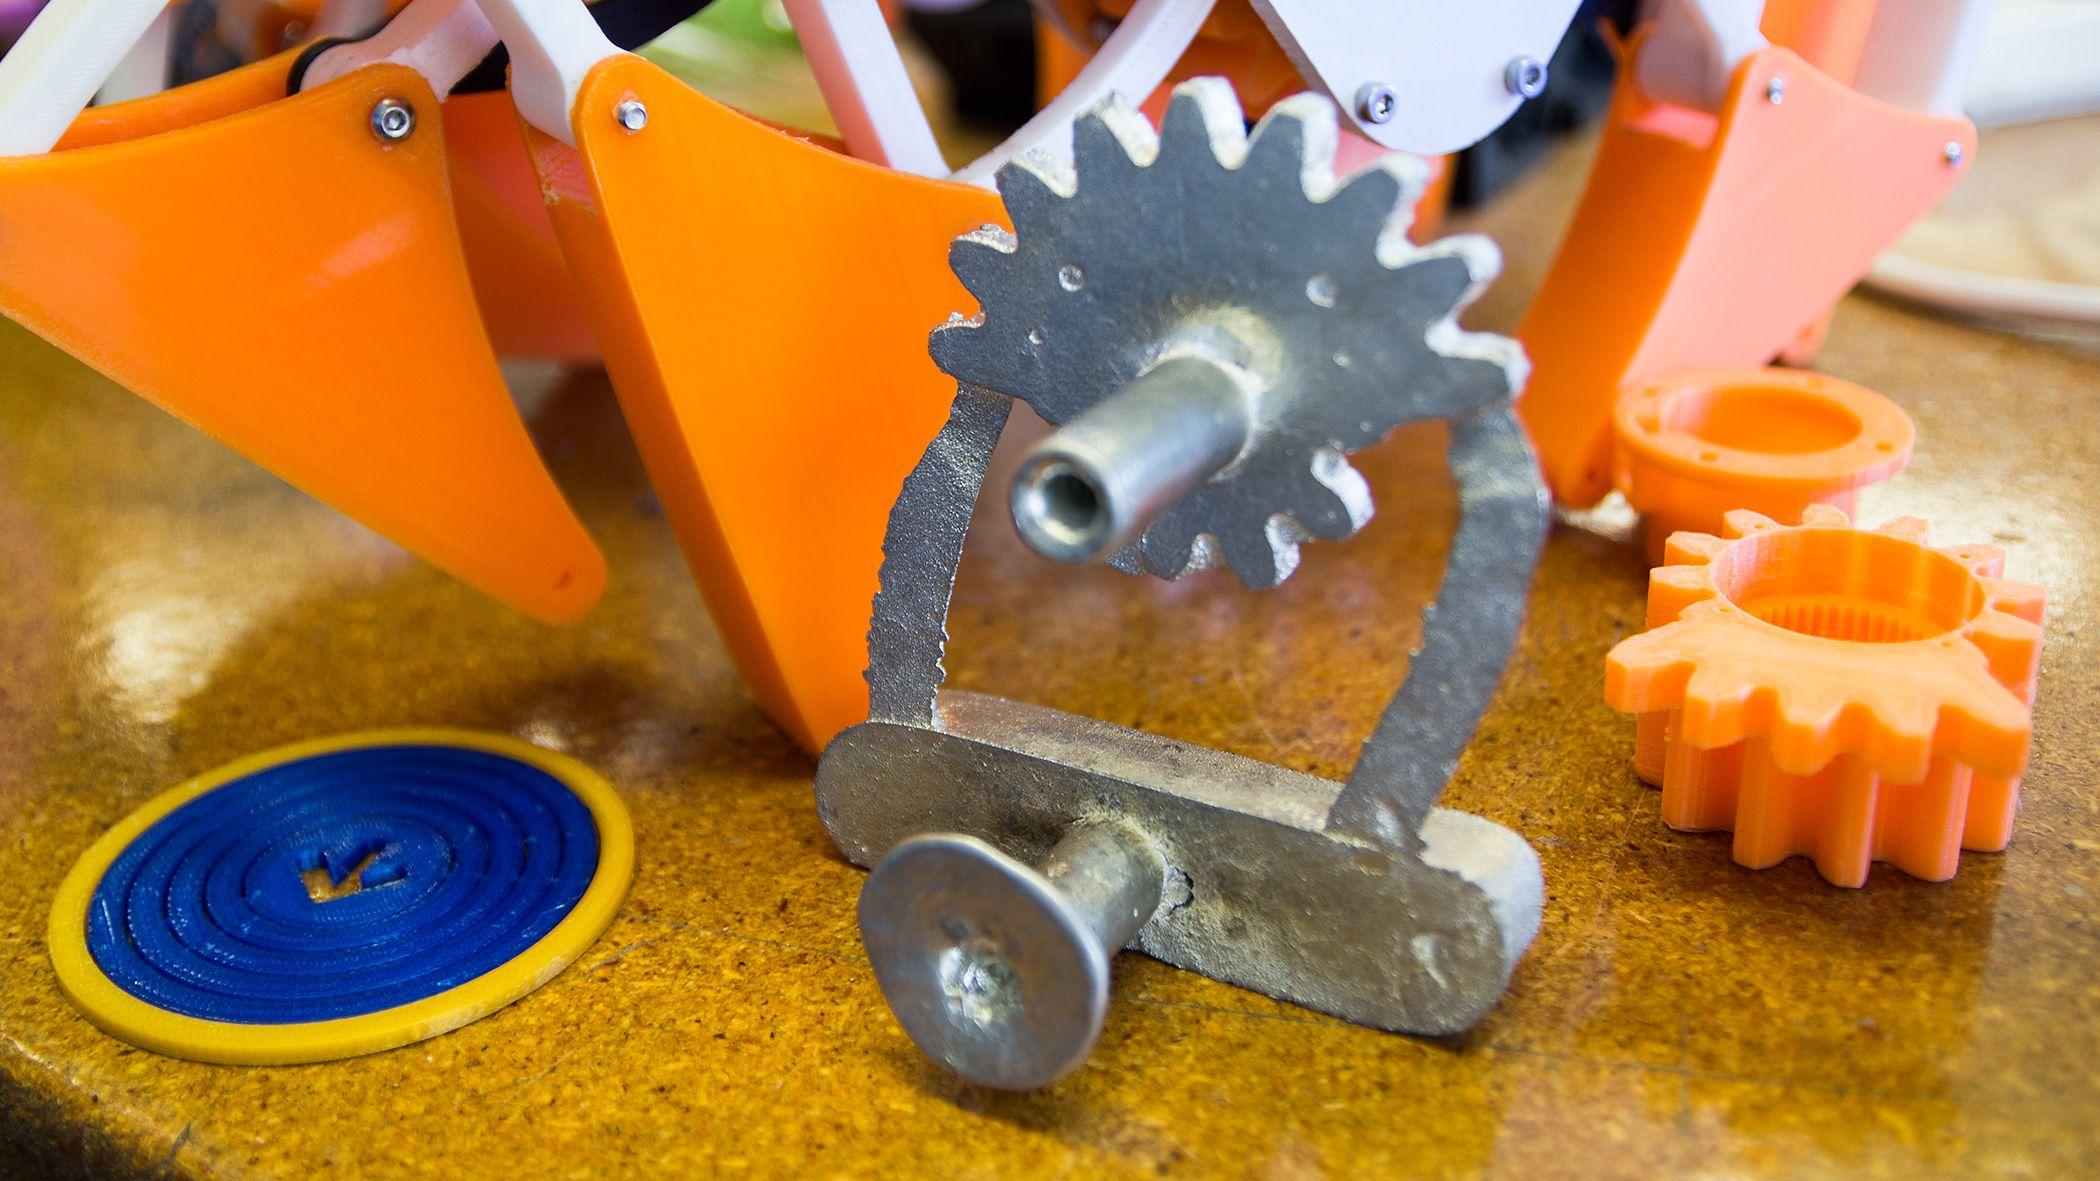 Muligheten til å lage billige støpeformer er én av mange ting 3D-skrivere egner seg godt til. Dette tannhjulet i tinn var et av Type A Machines første forsøk på nettopp dette. I bakgrunnen står en liten Strandbeest-basert robot, skrevet ut og klar til å spasere.Foto: Varg Aamo, Hardware.no